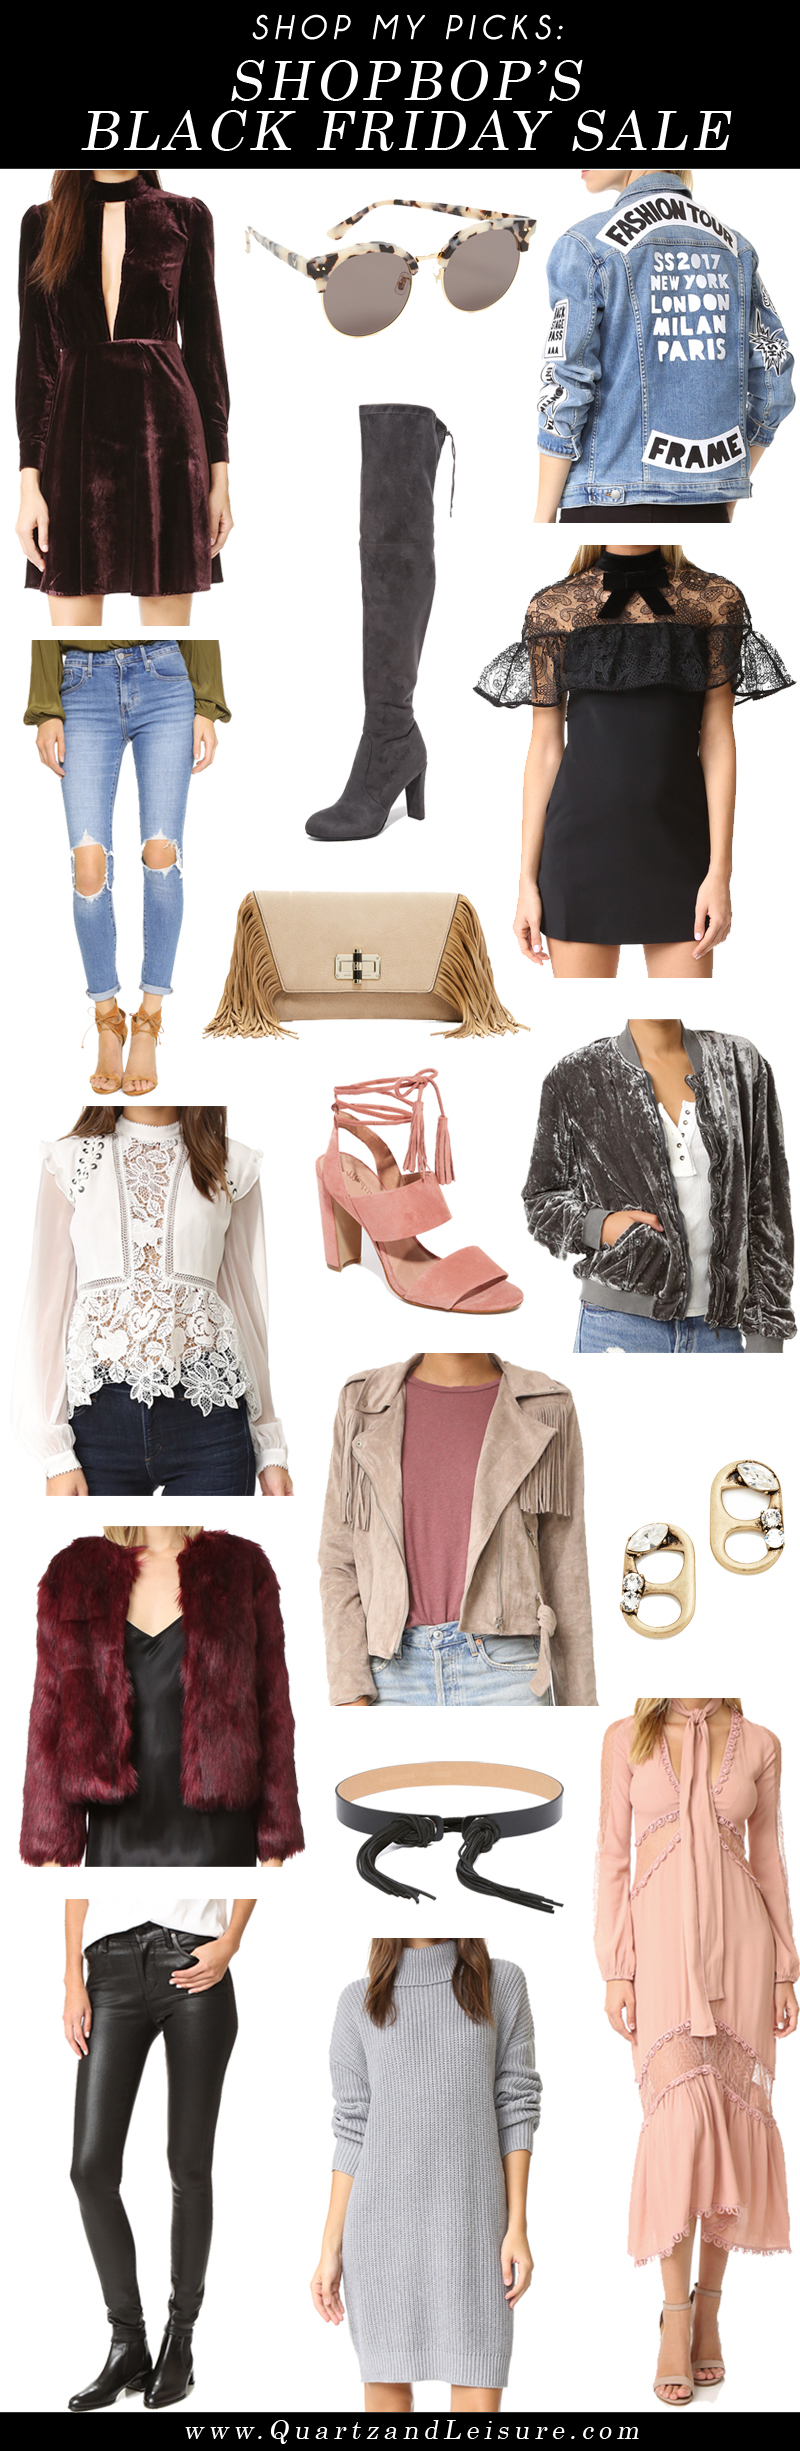 Shop My Picks: Shopbop Black Friday Sale - Quartz & Leisure